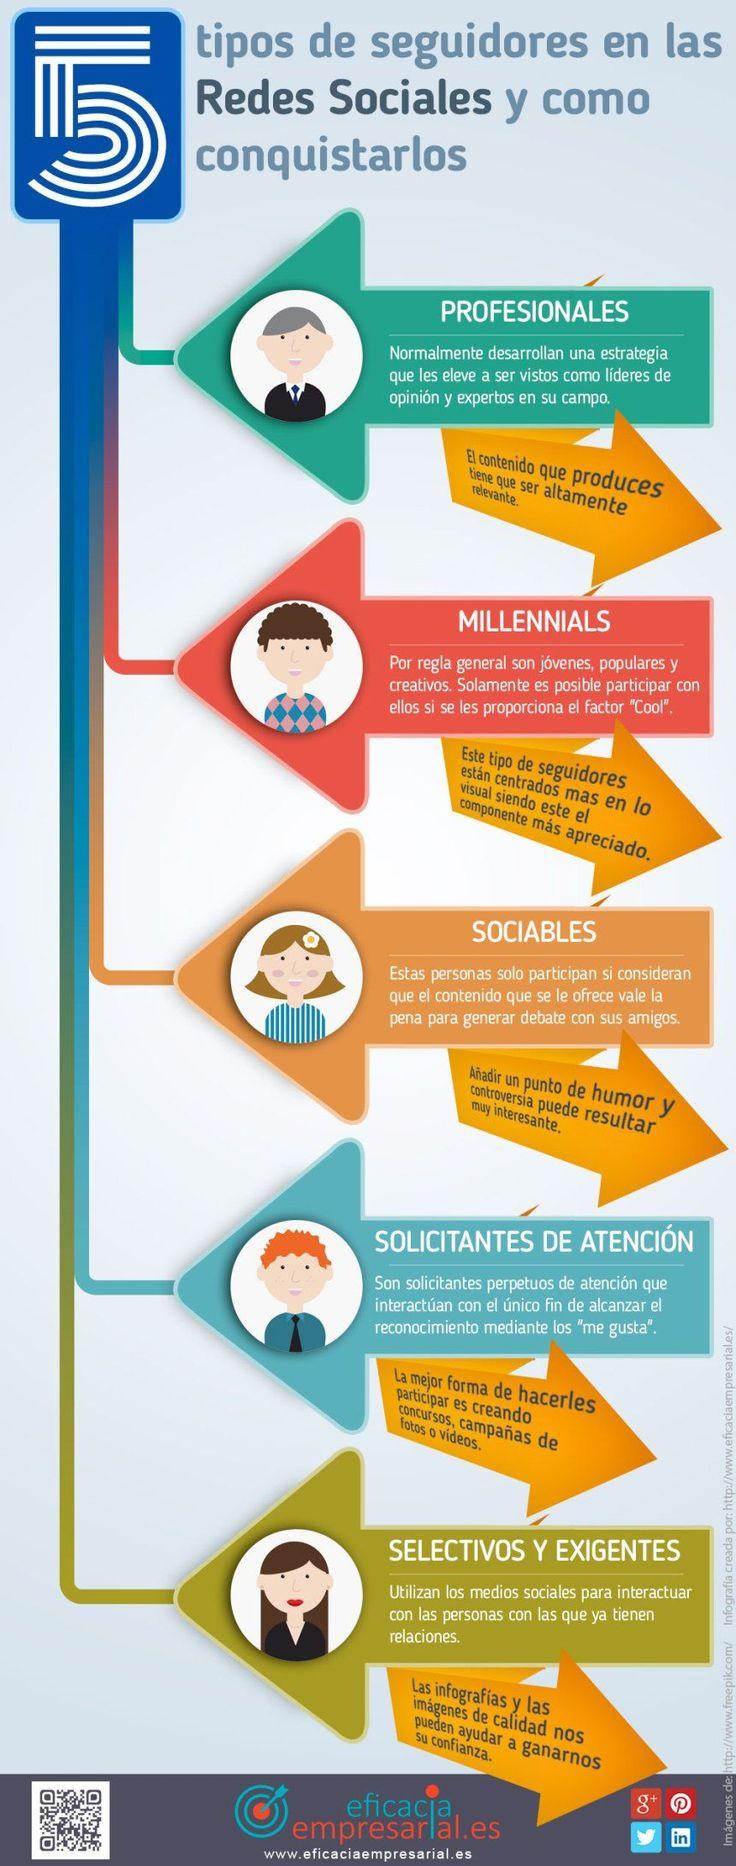 5 tipos de seguidores en Redes Sociales y cómo conquistarlos http://ticsyformacion.com/2015/08/21/5-tipos-de-seguidores-en-redes-sociales-y-como-conquistarlos-infografia-socialmedia/